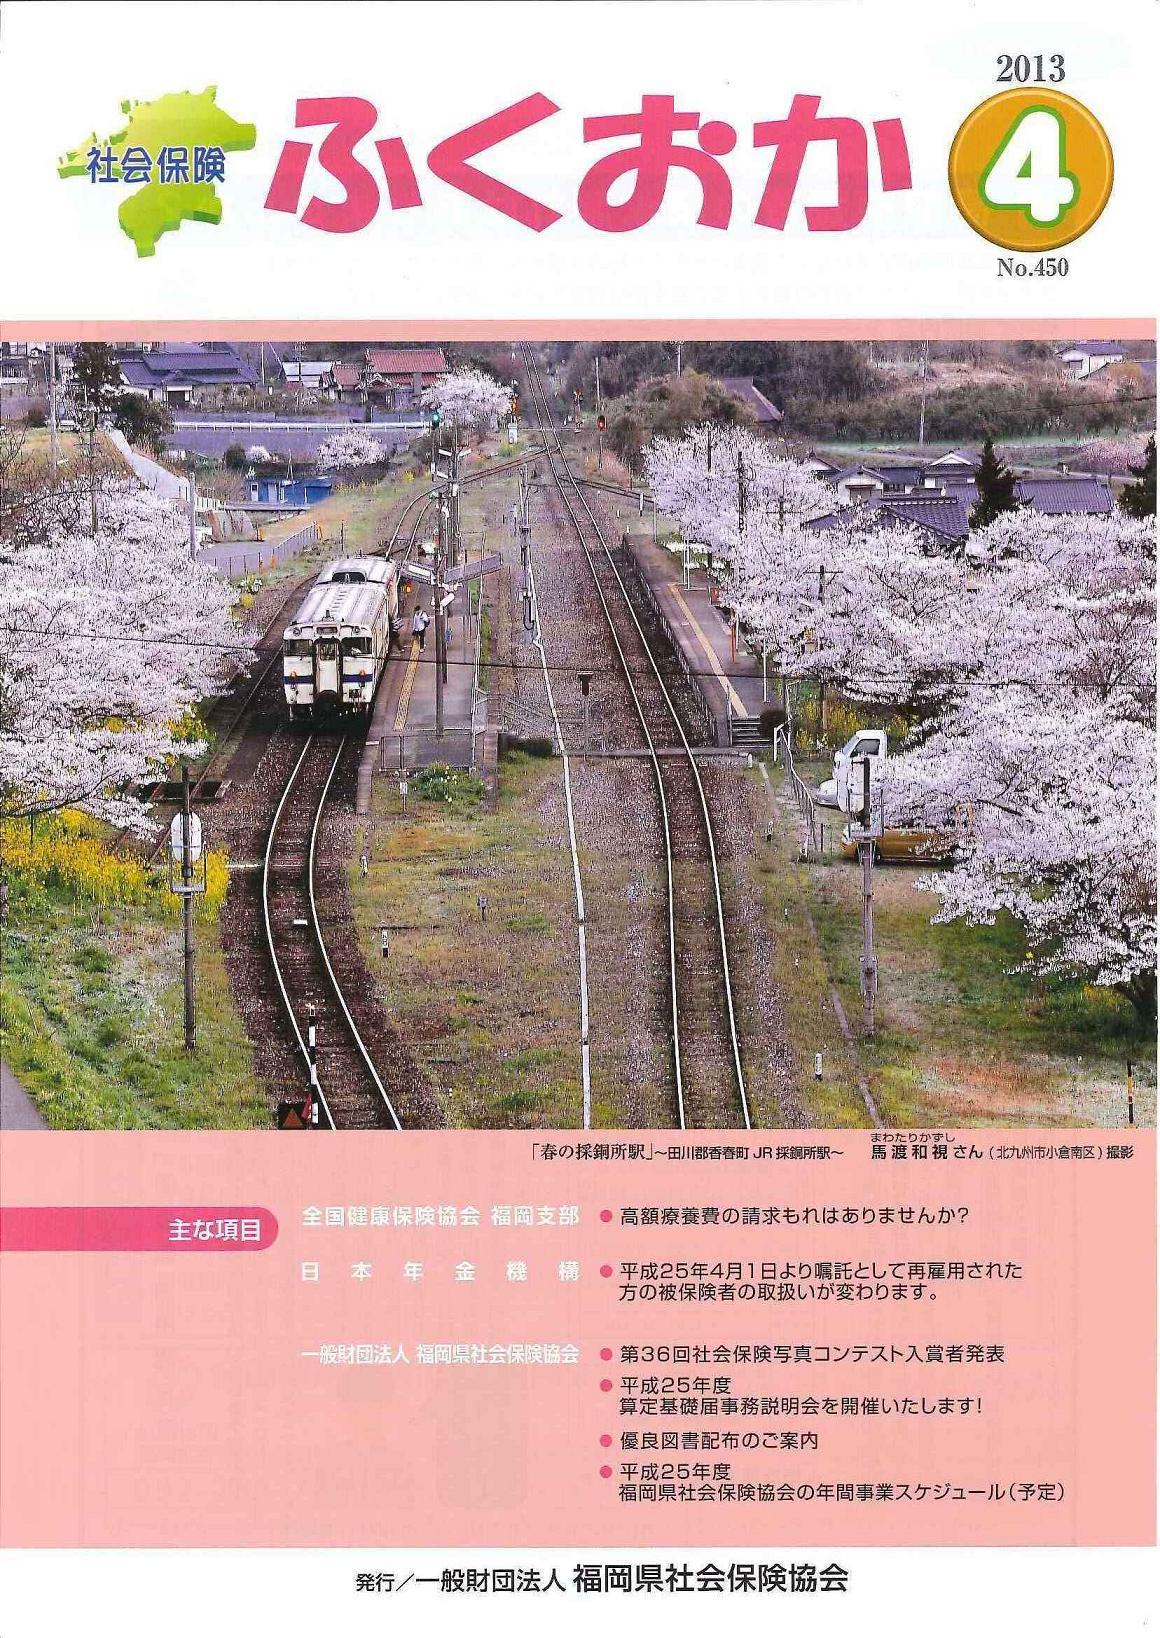 社会保険 「ふくおか」 2013年4月号_f0120774_15291877.jpg